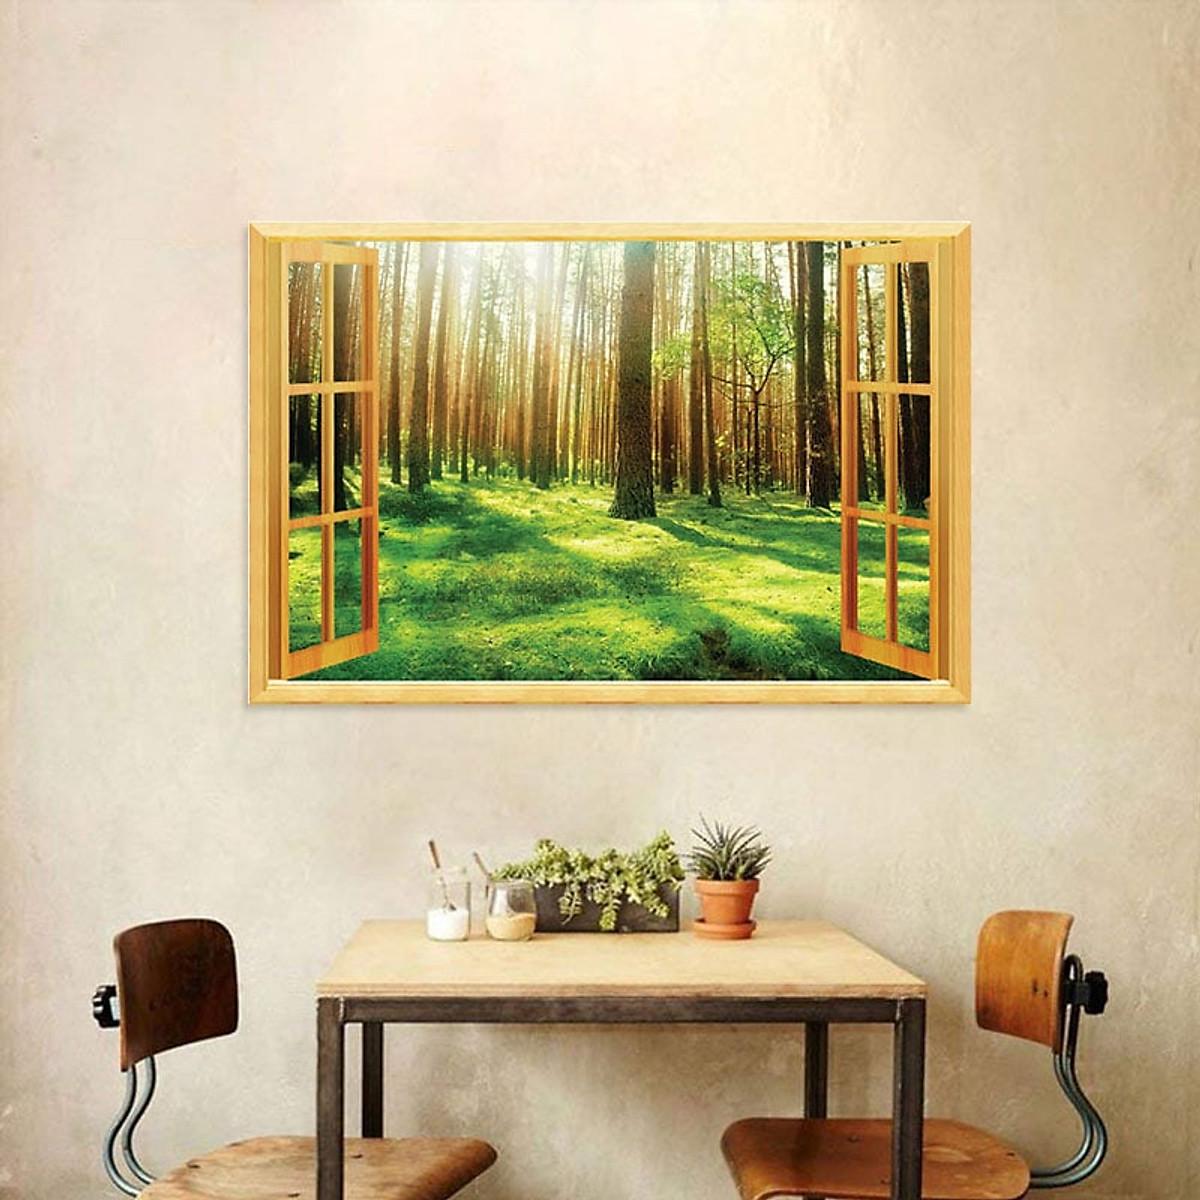 Decal cửa sổ Rừng lá xanh WD118 | Decal dán tường PVC cao cấp - 3